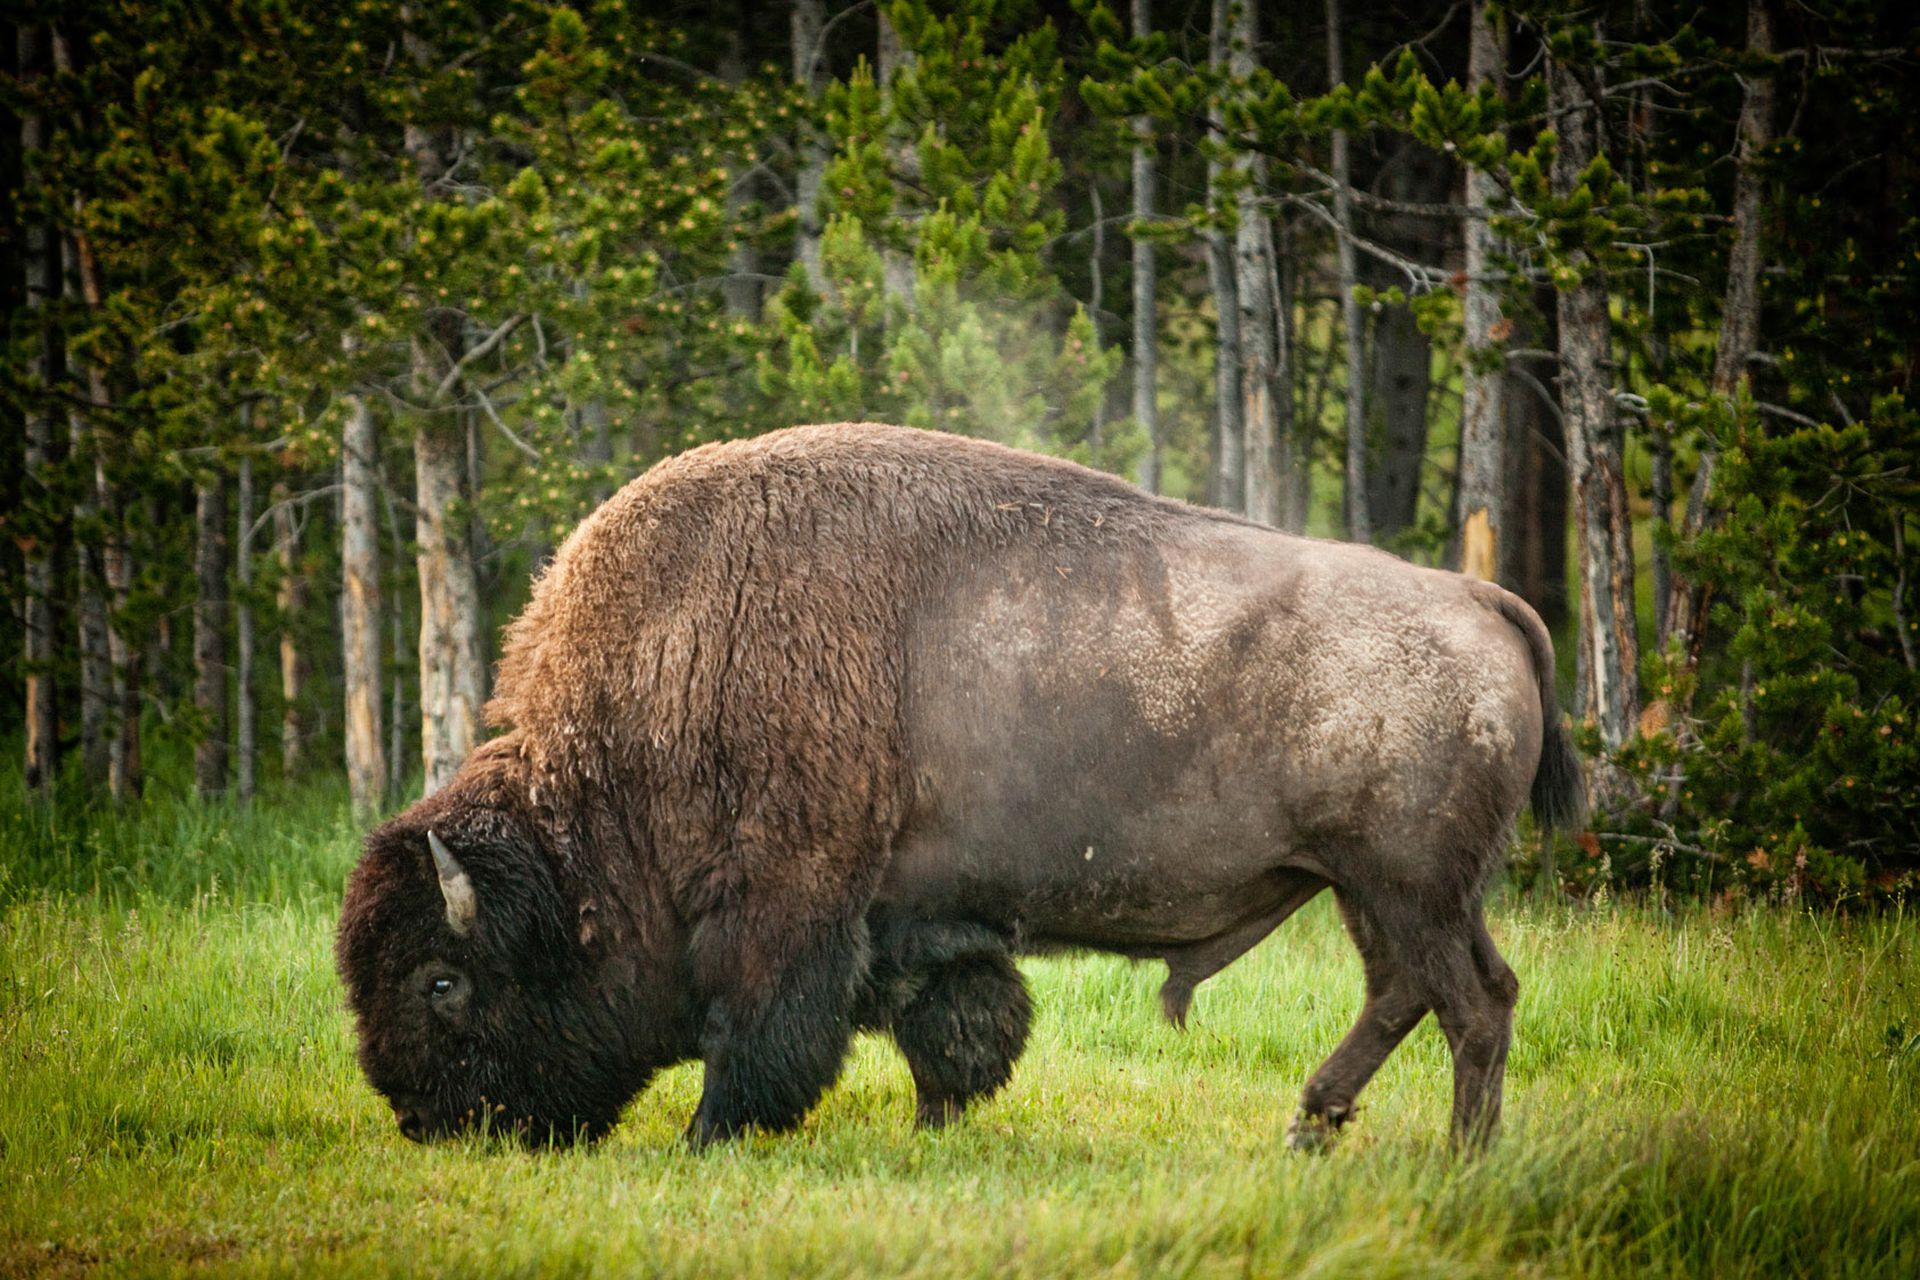 Bisonte pastando al costado de una de las rutas que atraviesan el parque nacional más popular de Estados Unidos.